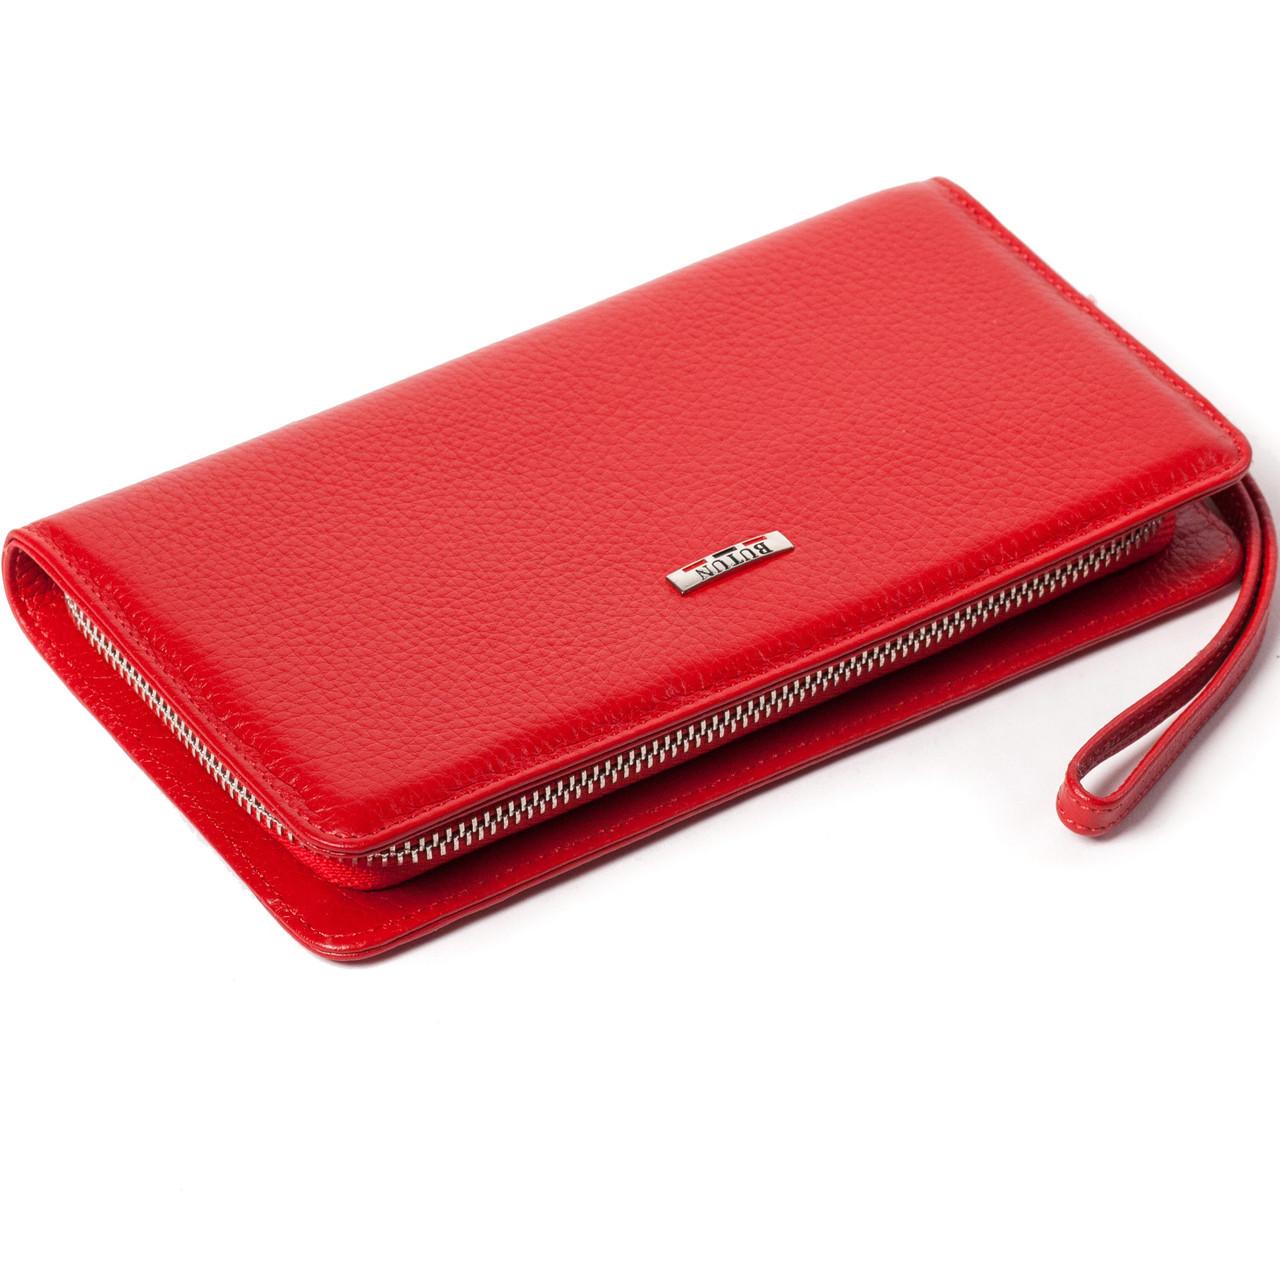 Женский кошелек клатч на молнии BUTUN 096-004-006 кожаный красный